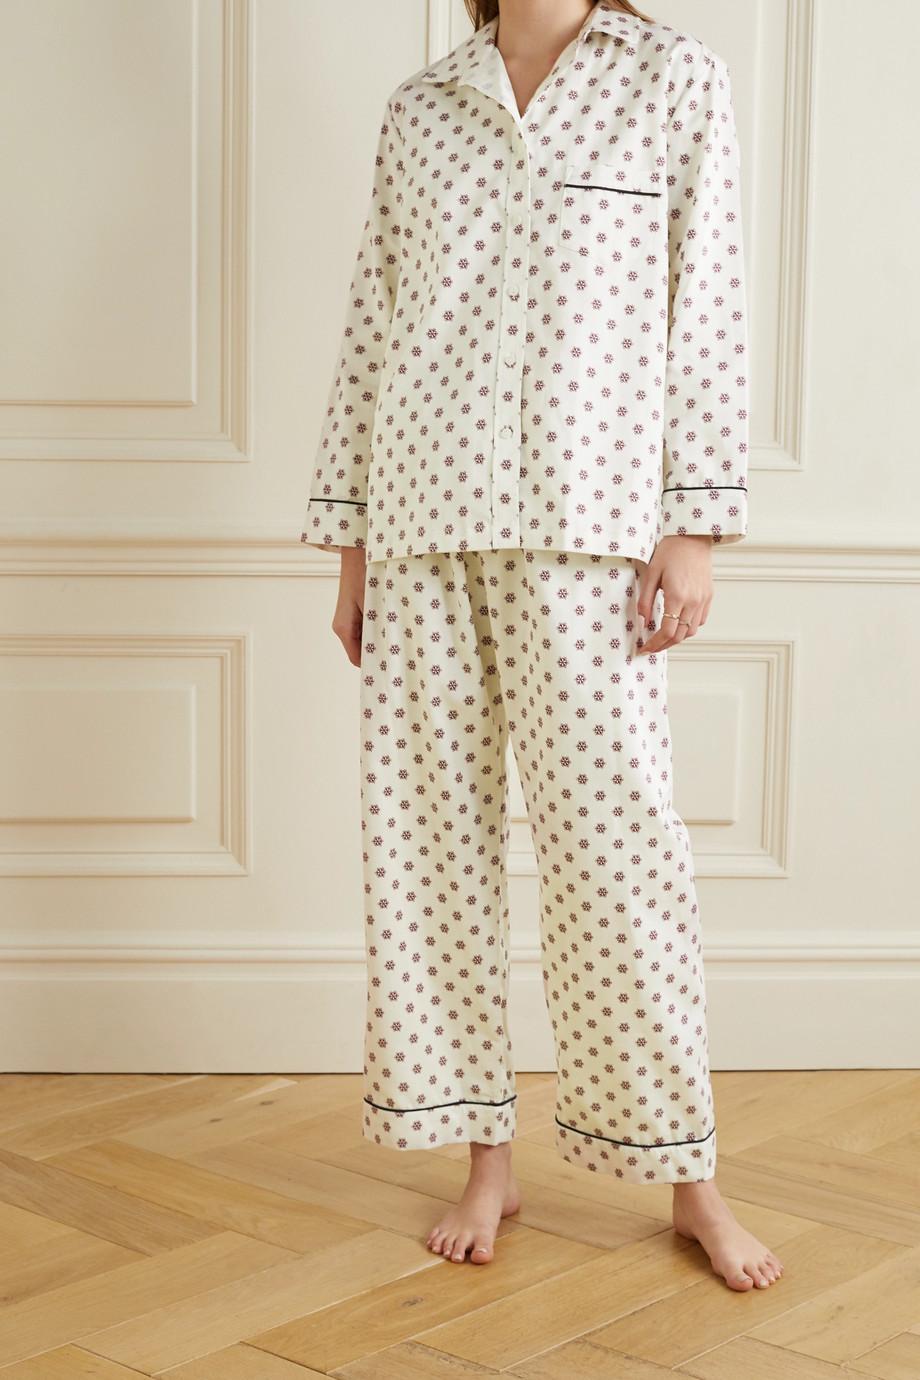 Pour Les Femmes Pyjama aus bedruckter Baumwolle mit Paspeln